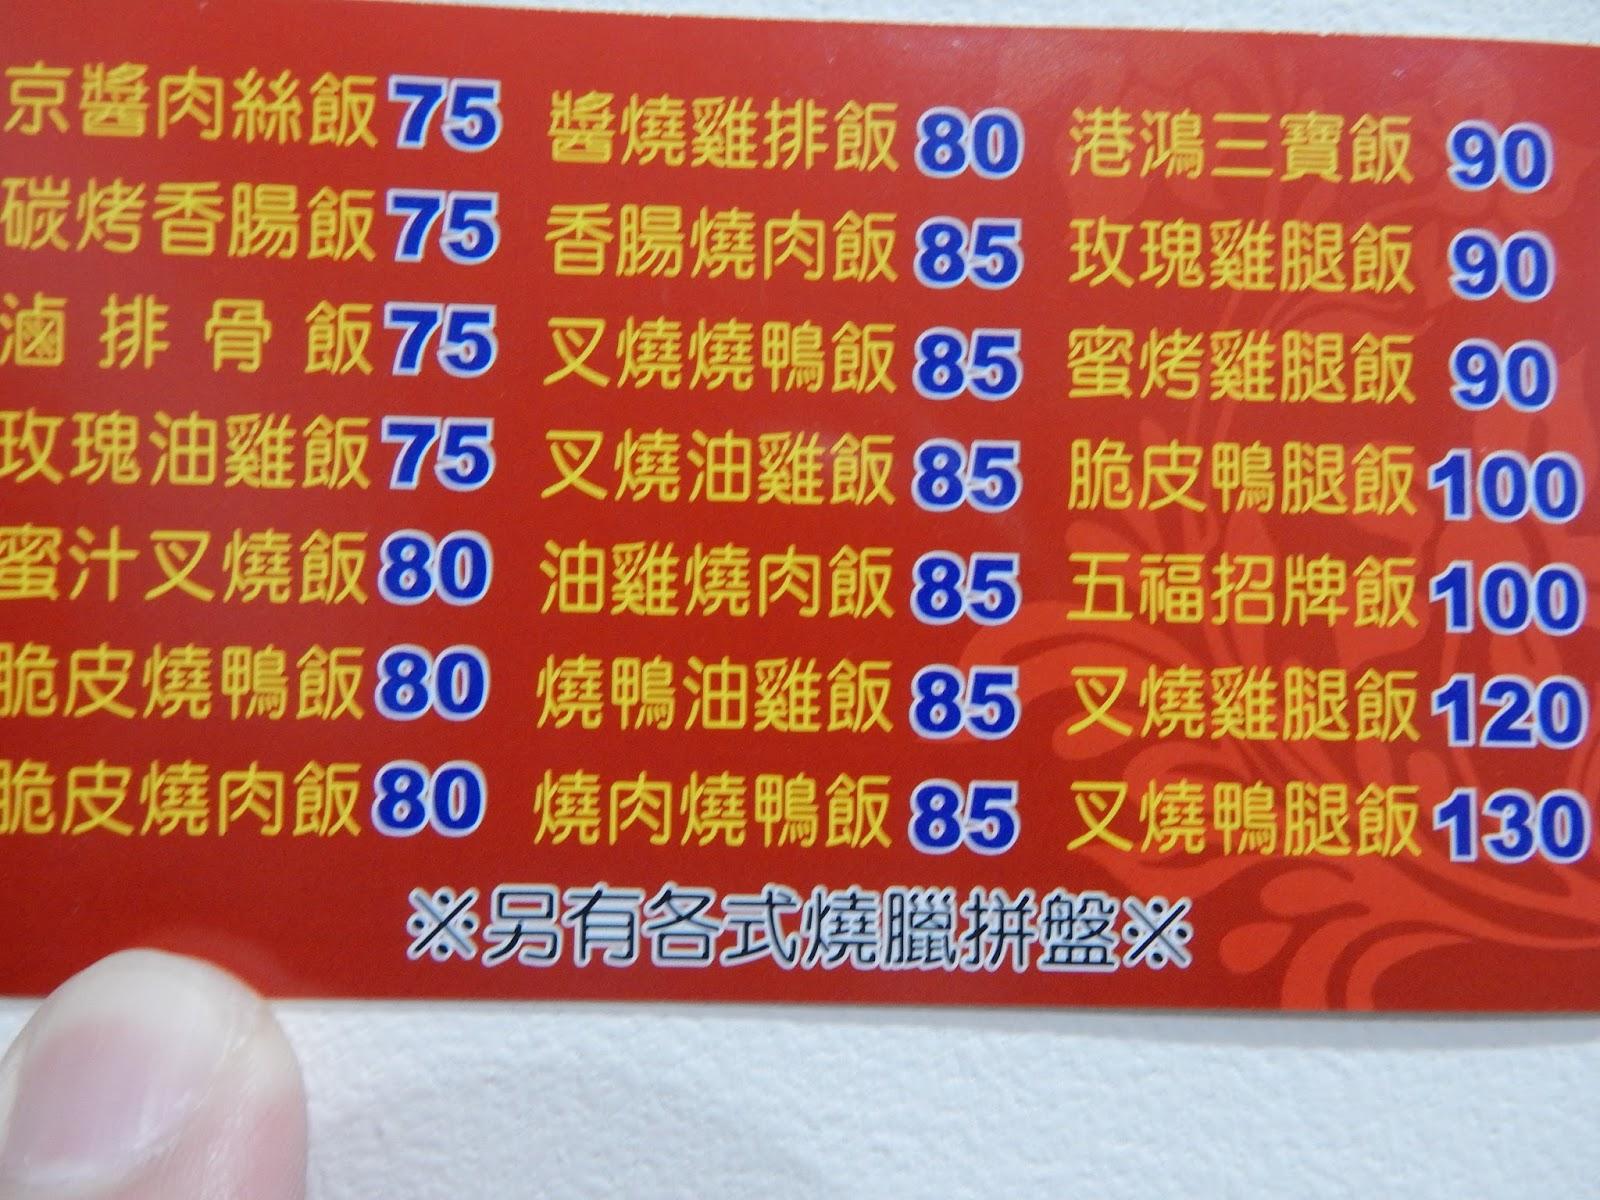 燒臘   [組圖+影片] 的最新詳盡資料** (必看!!) - www.go2tutor.com